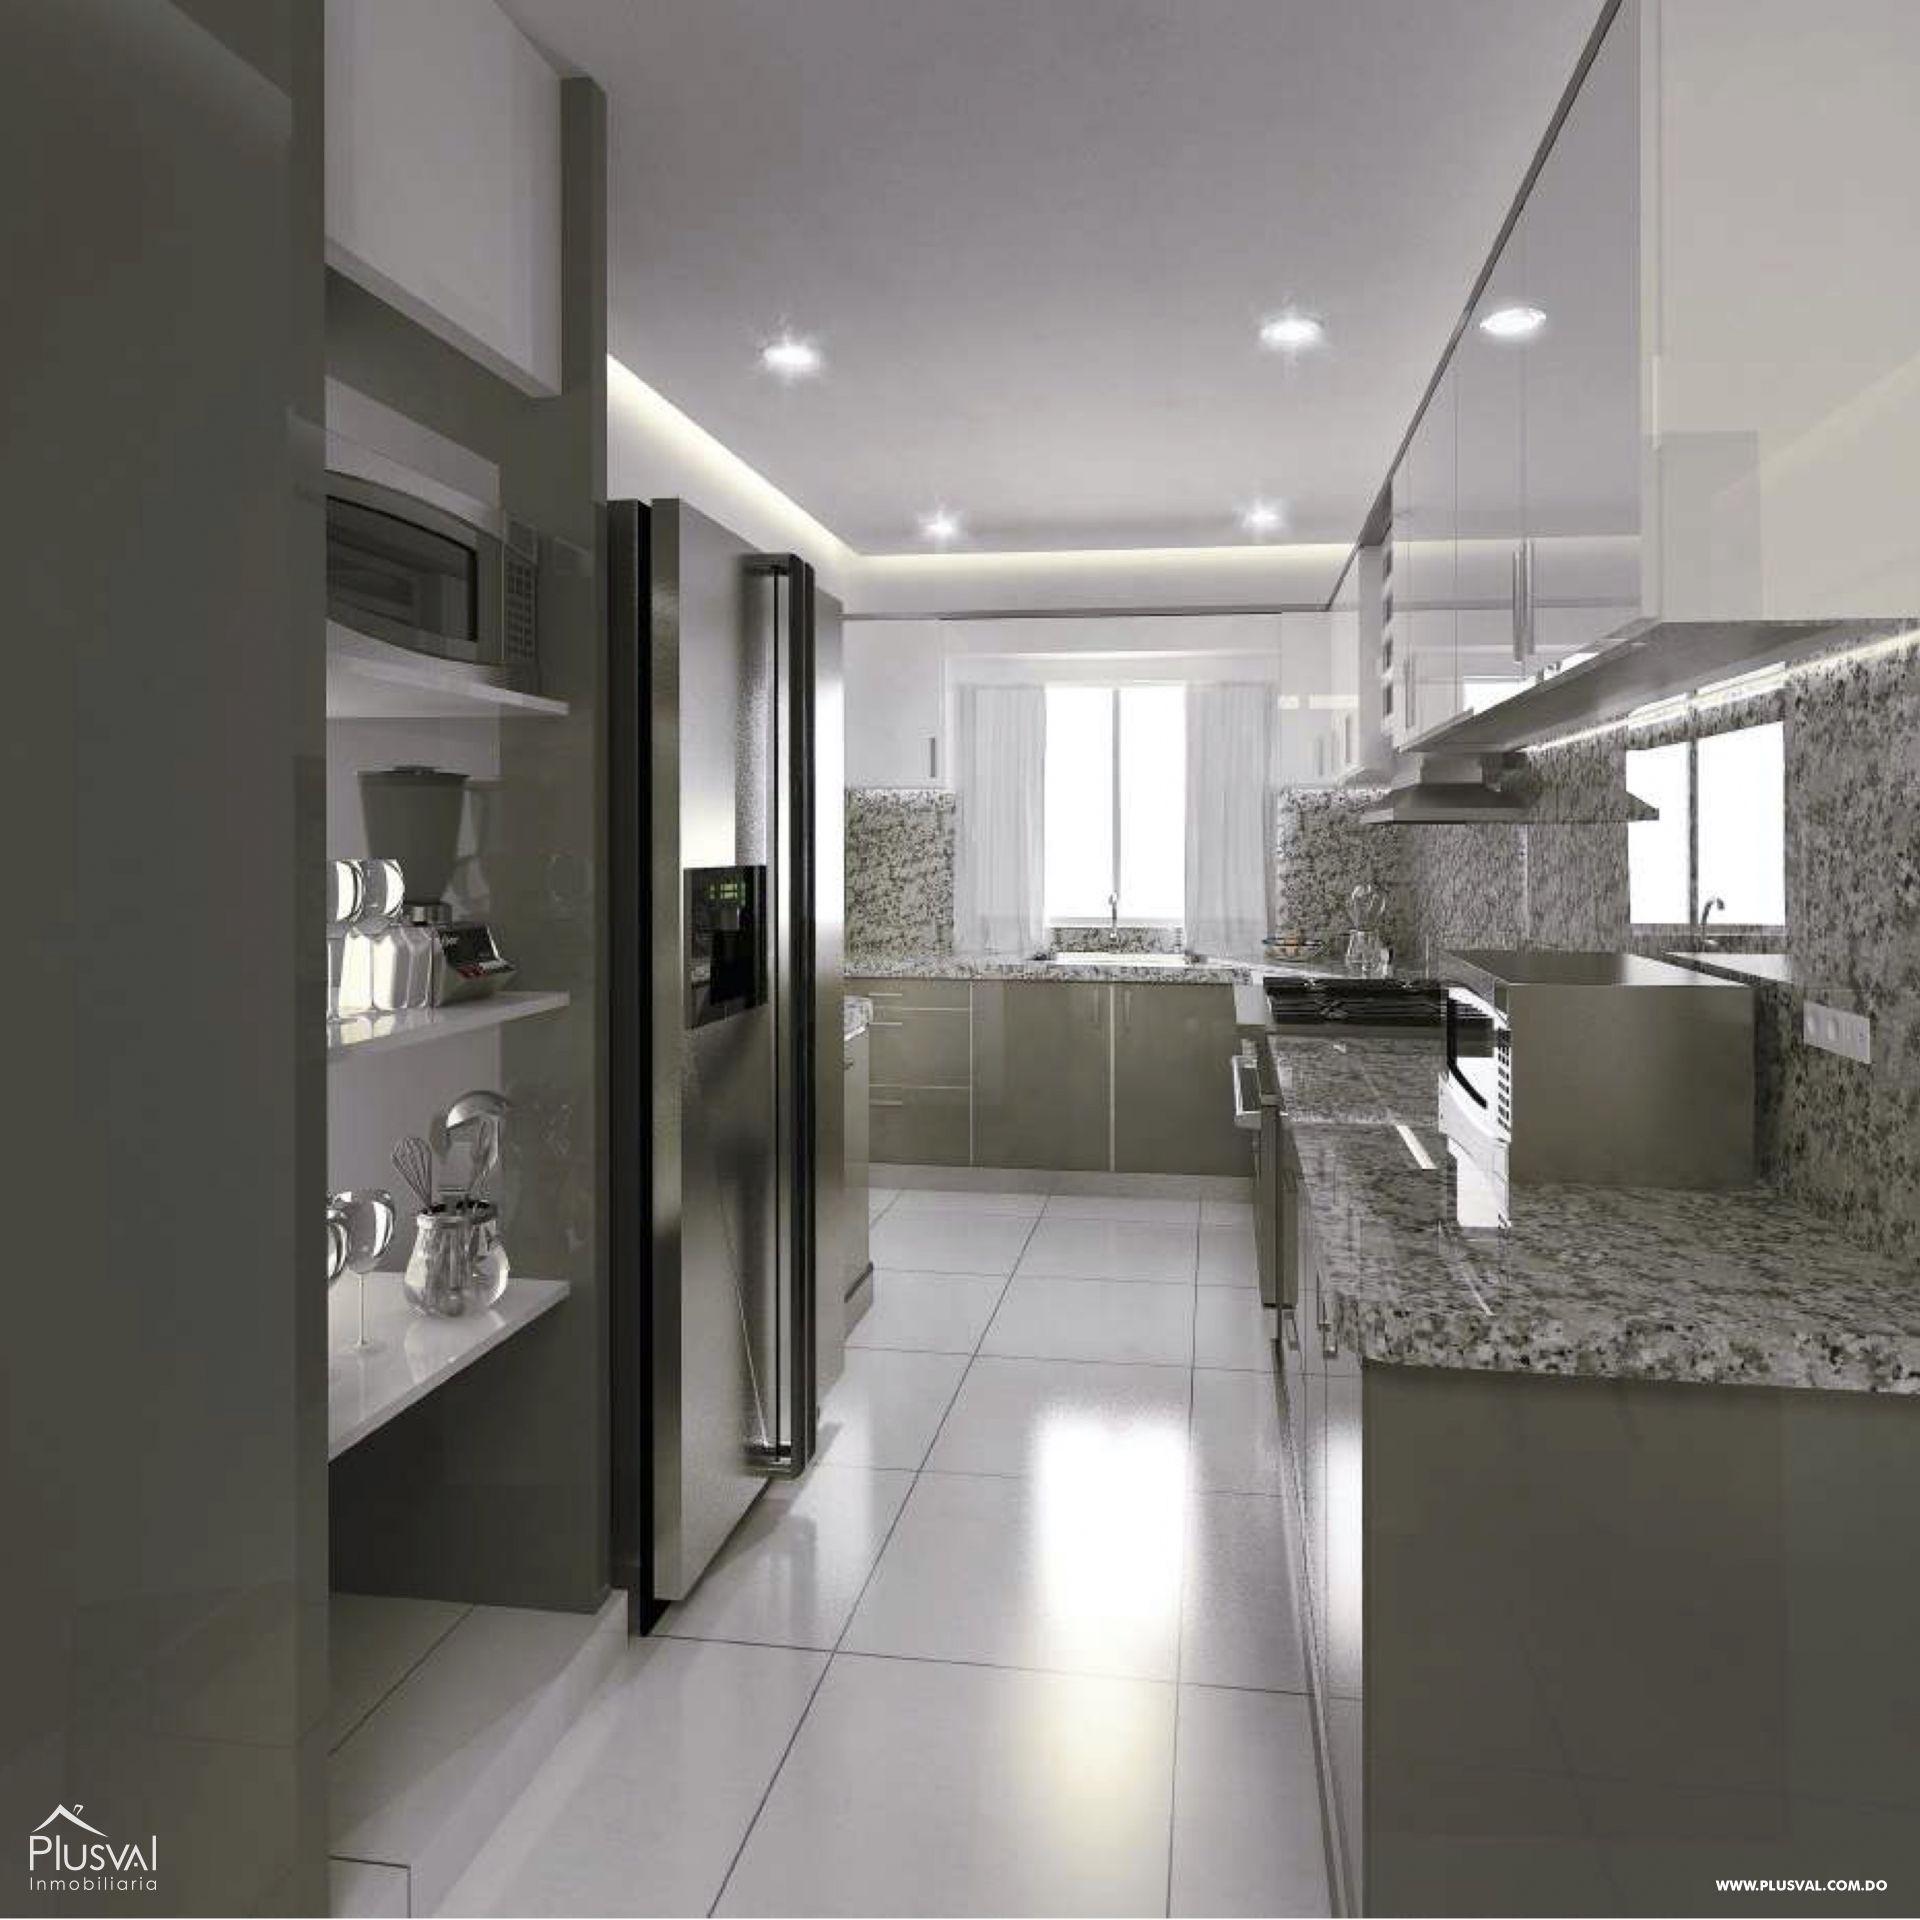 Apartamento en Venta en Urbanización Real con 3 habs MAS estudio 161134